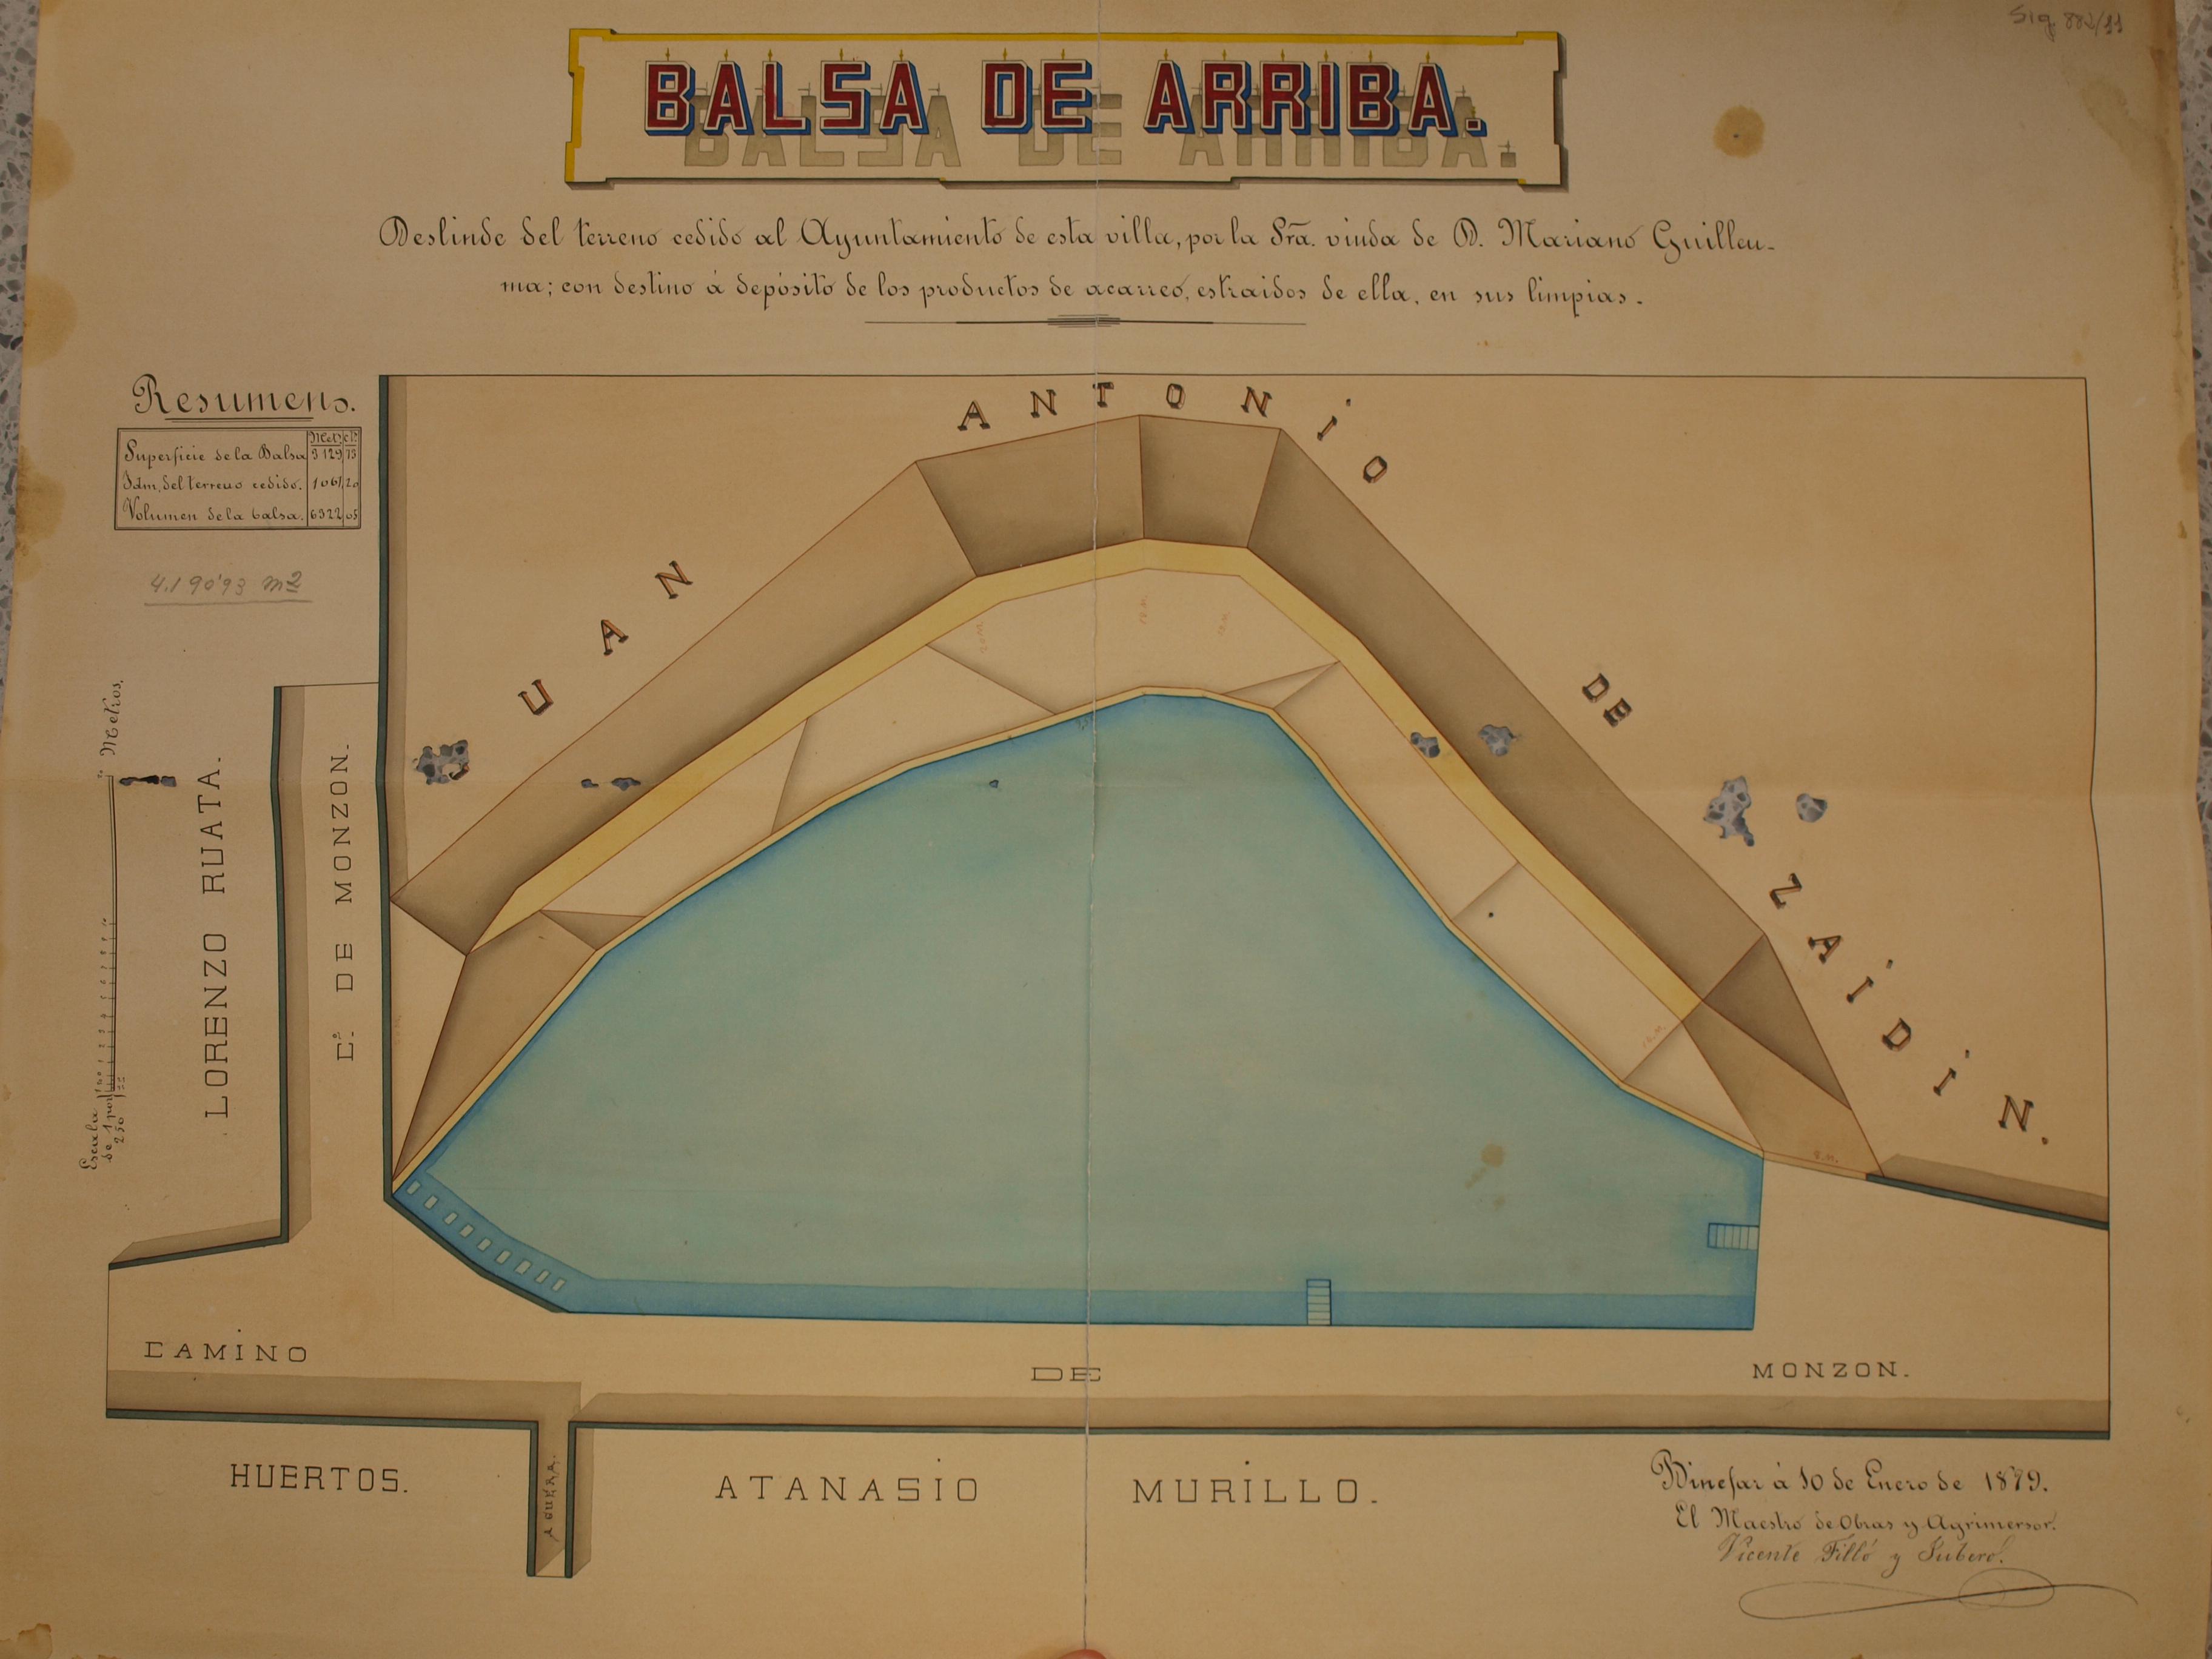 Plano de la Balsa de Arriba, fechado en 1879, es uno de los documentos cartográficos más antiguos conservados en nuestro Archivo.